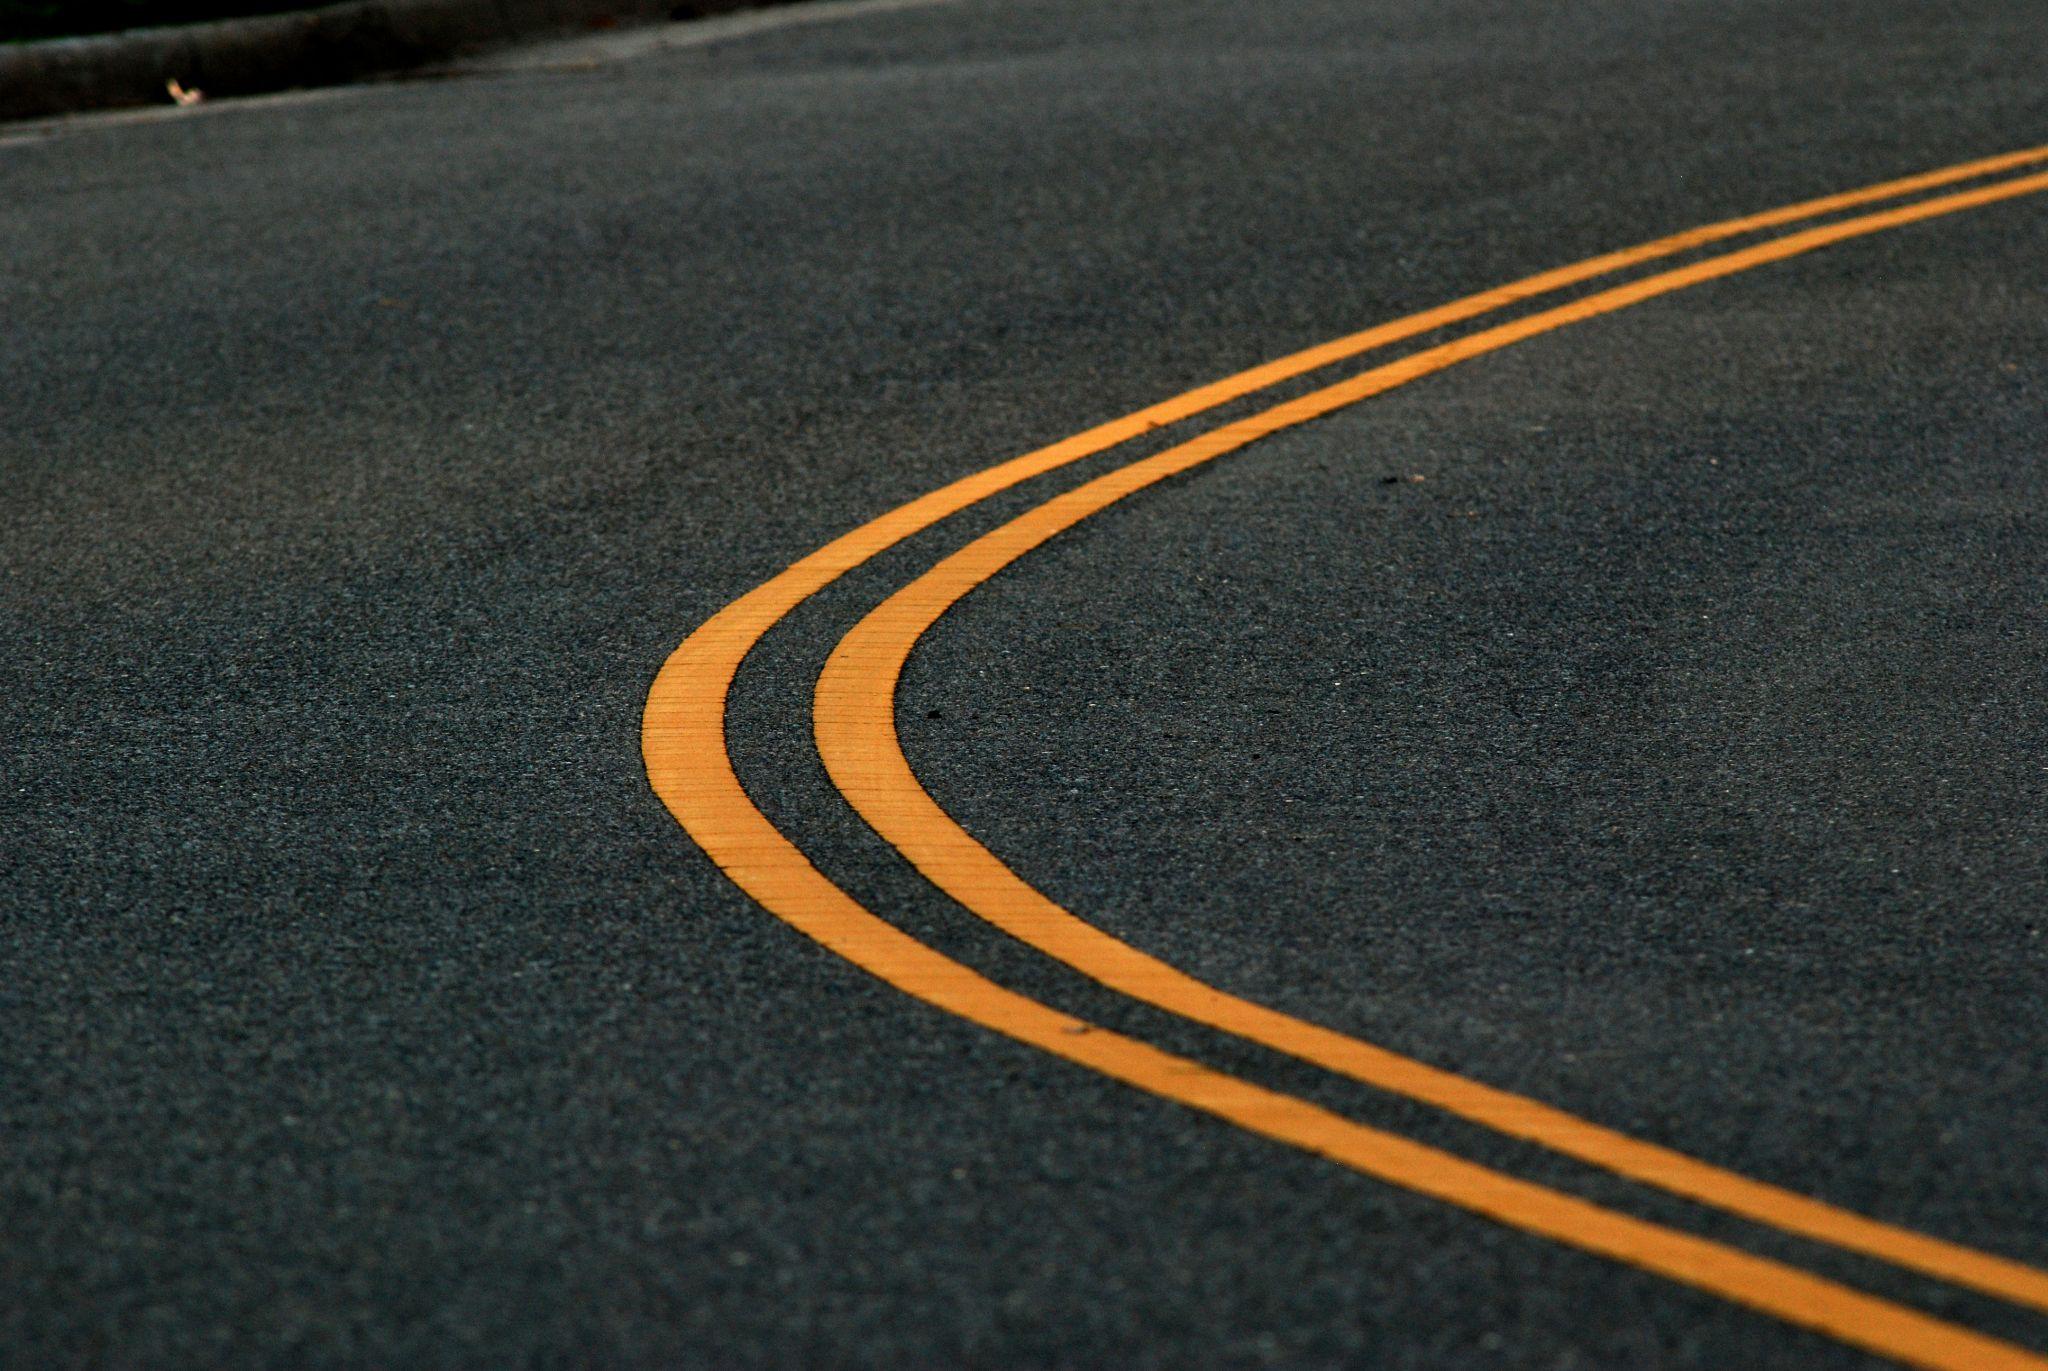 Traffic Lanes at Dusk by David Garcia